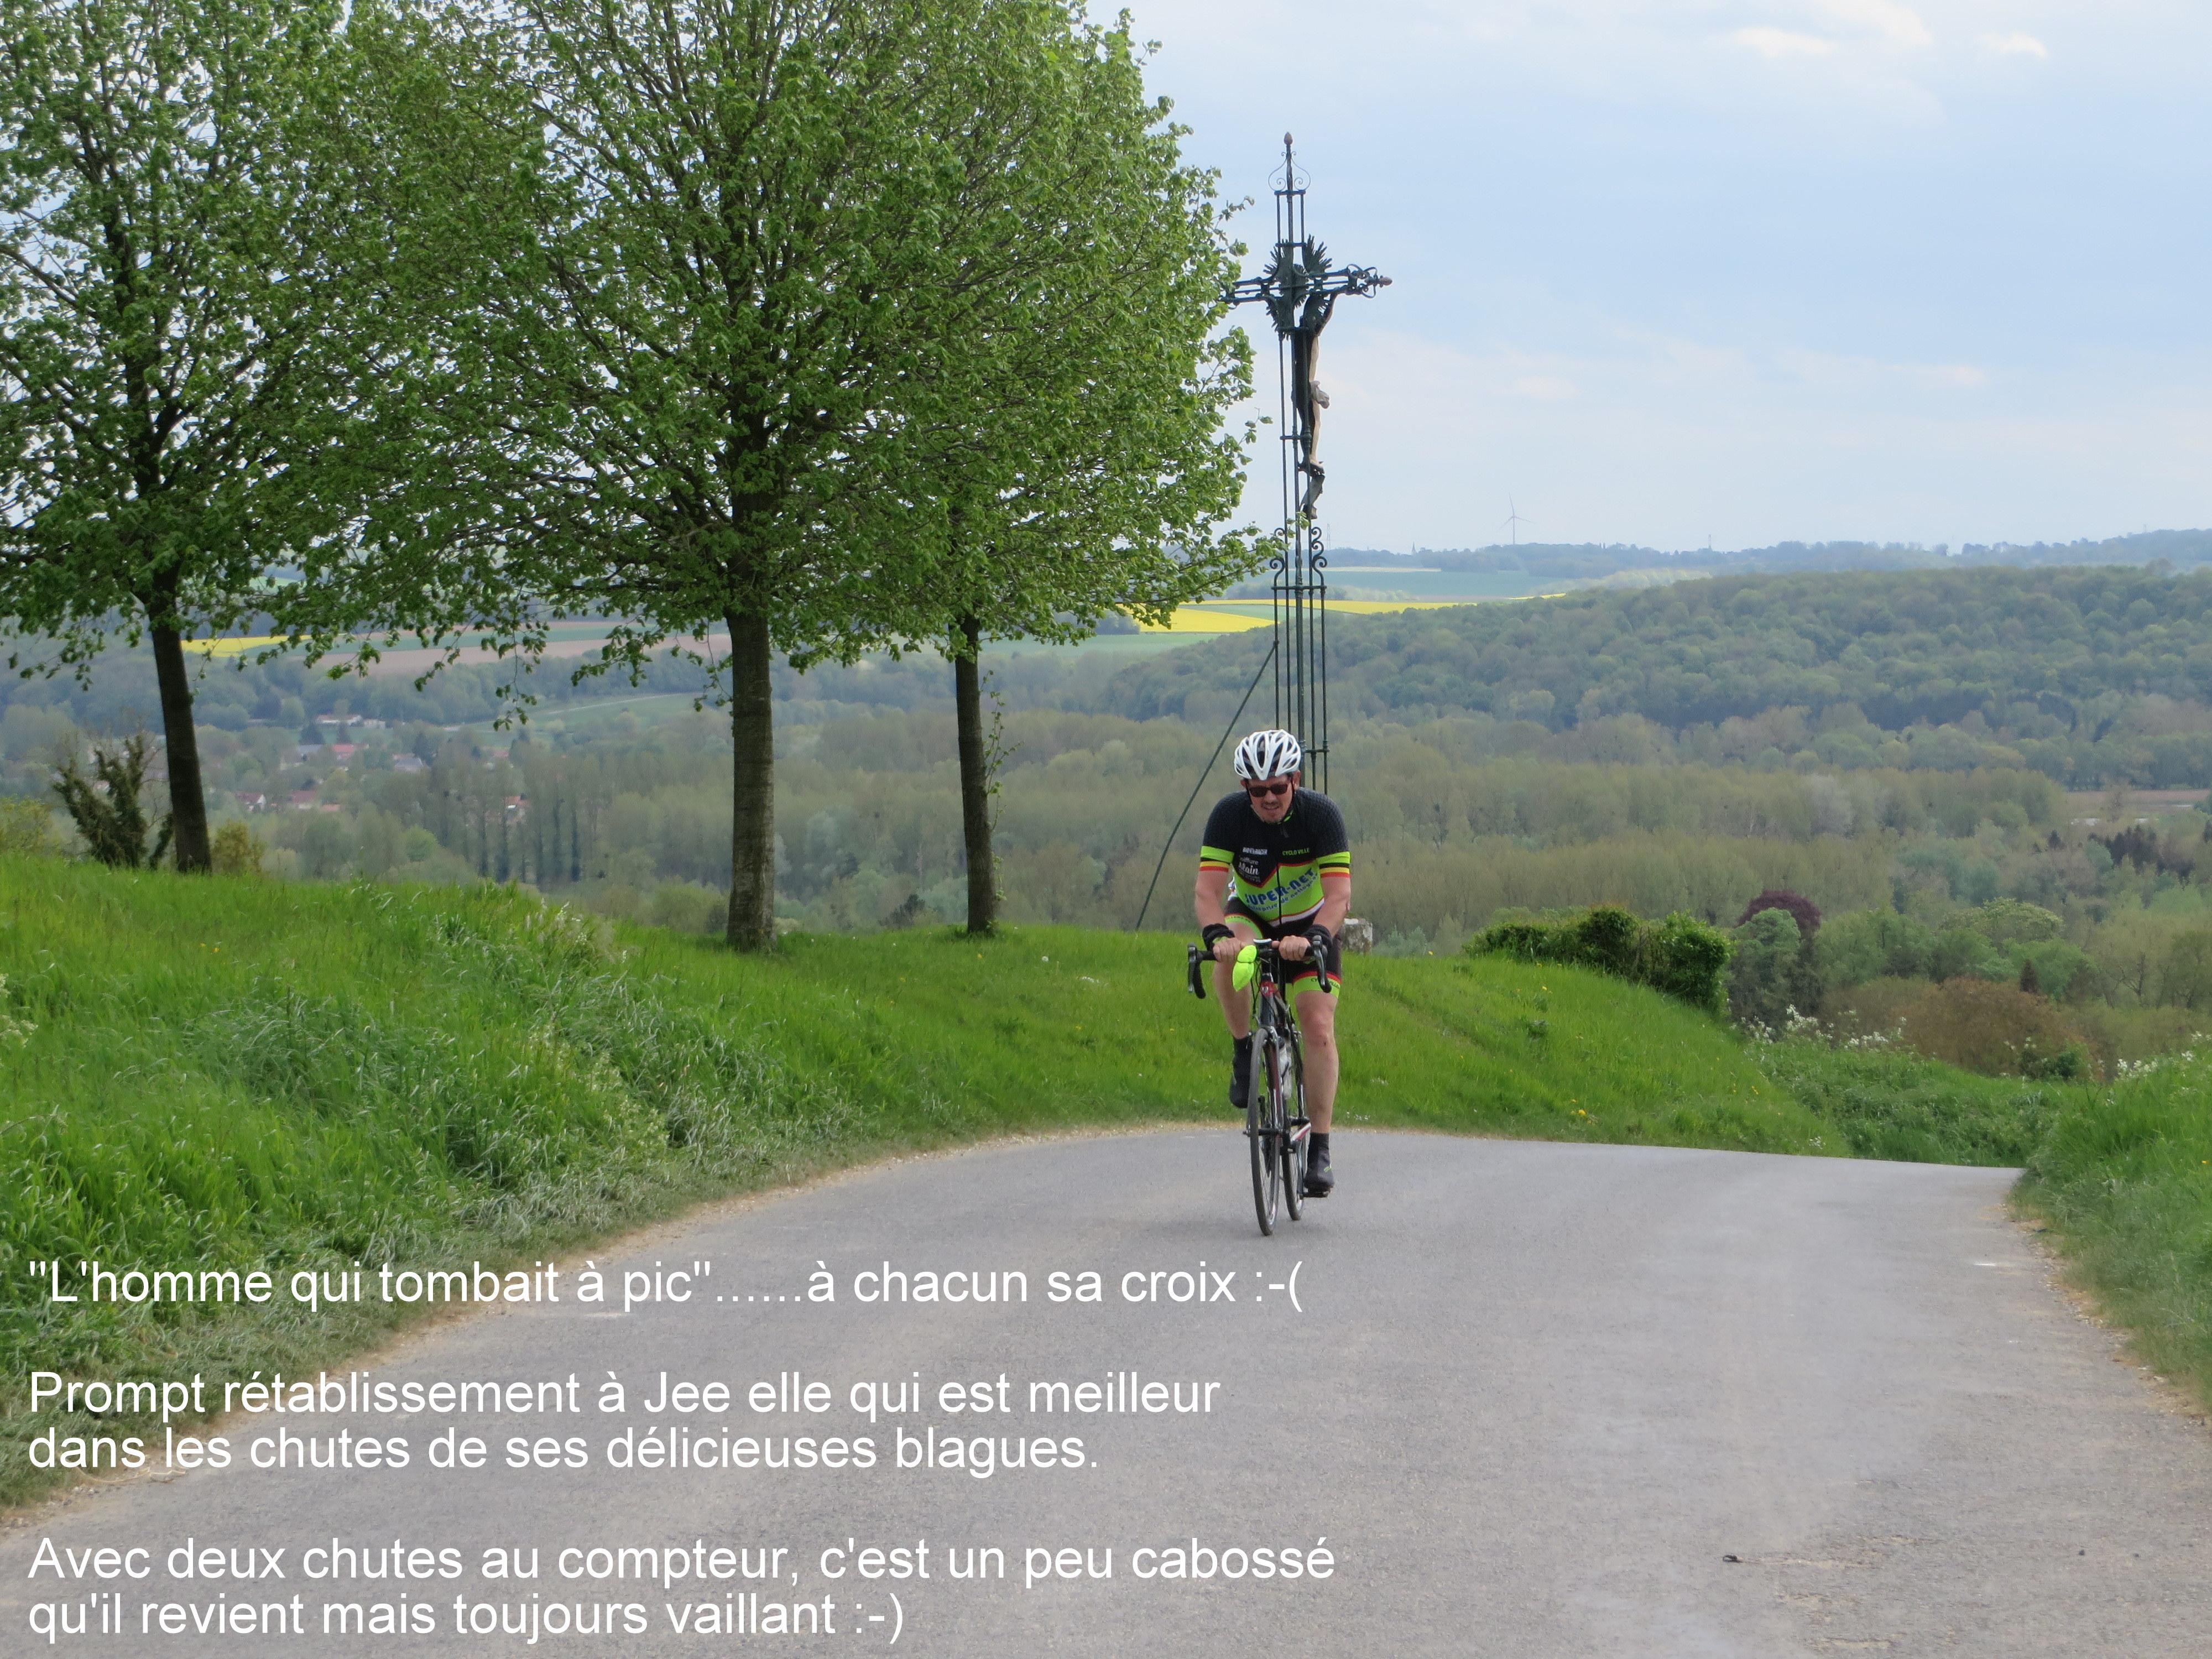 Séjour cyclo en Baie de Somme : du 27 au lundi 30 avril 2018 - Page 6 180501123140390516